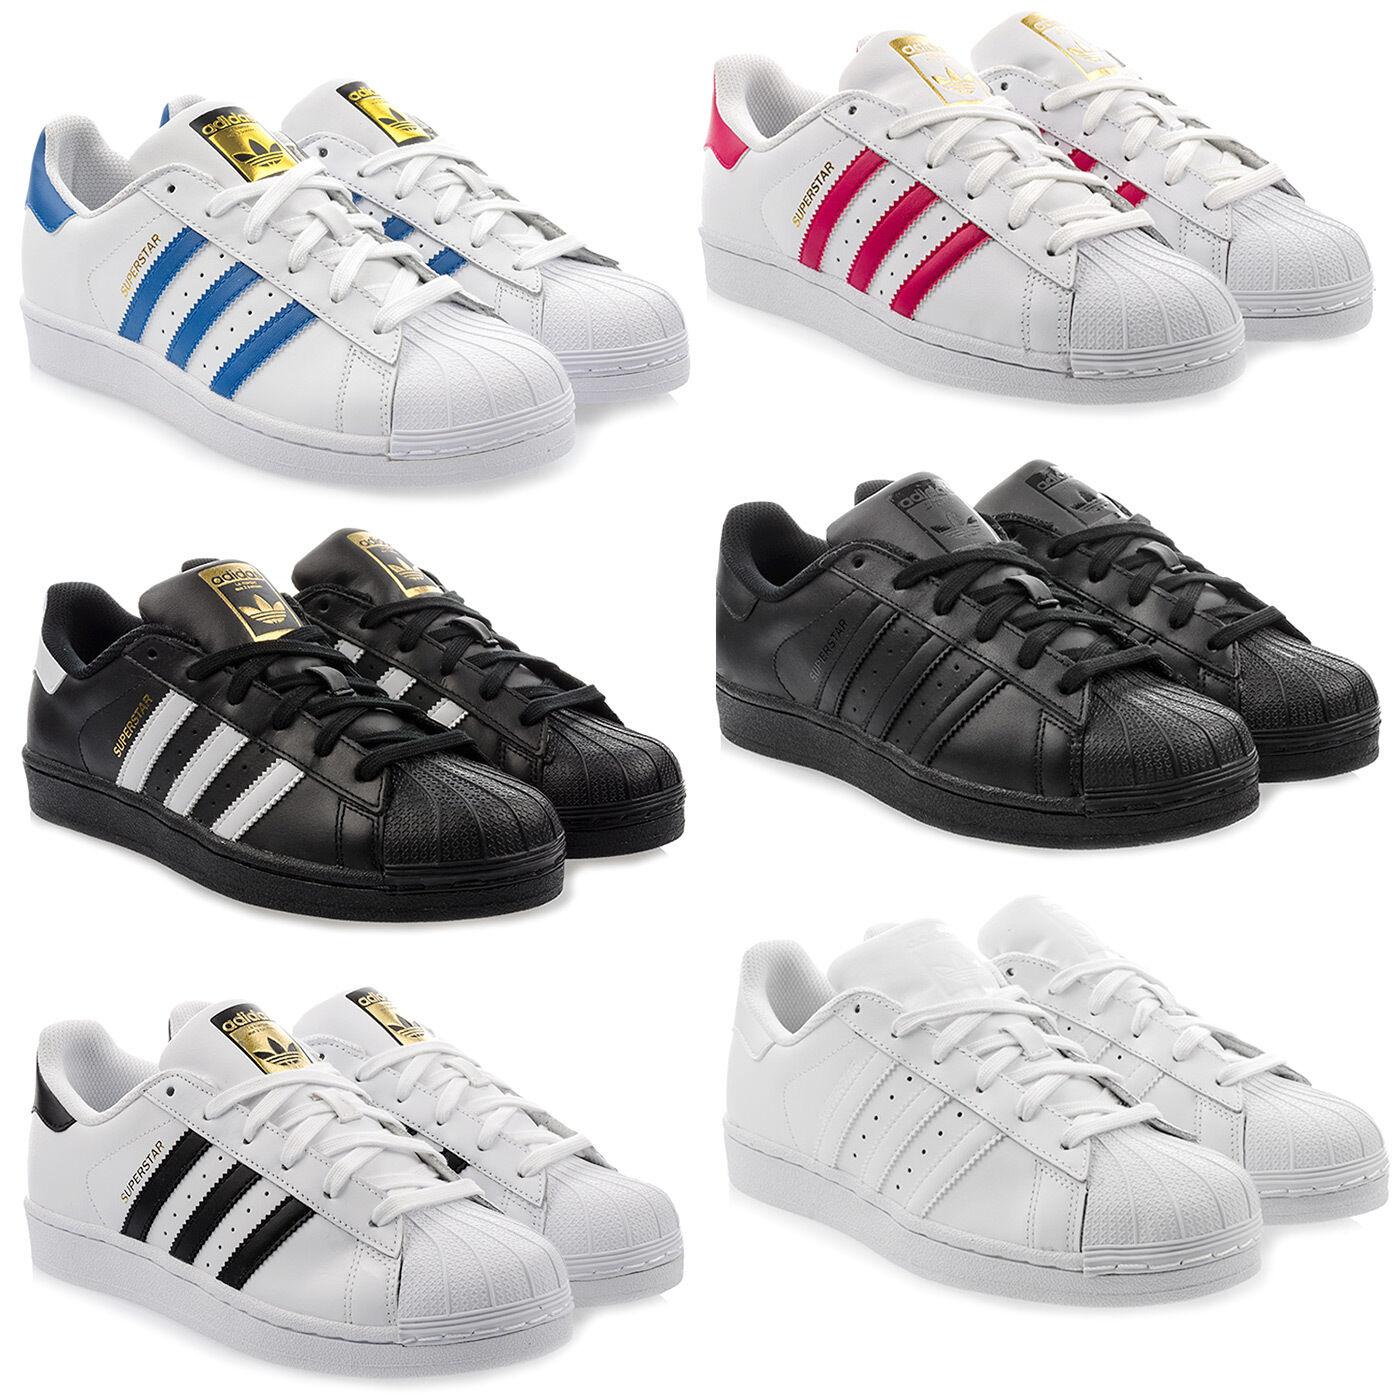 ADIDAS ORIGINALS SUPERSTAR  Sneaker Schuhe Turnschuhe Damen Jungen Unisex Farbe